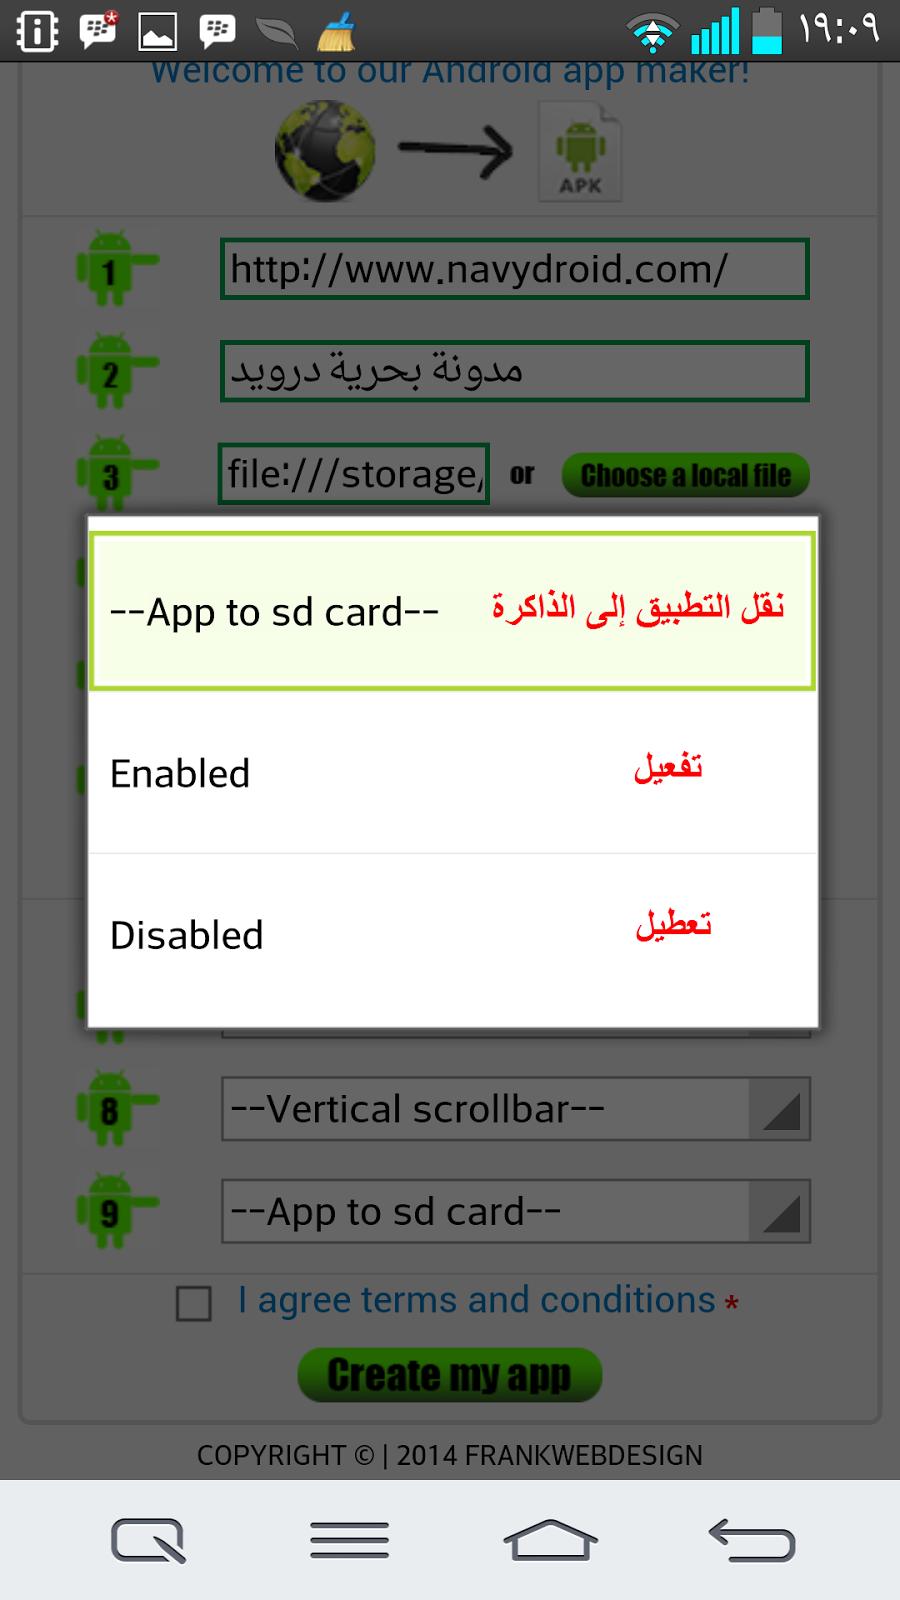 كيفية عمل تطبيق لموقعك على الاندرويد بأسهل طريقة والافضل على الاطلاق Screenshot_2014-02-07-19-09-58